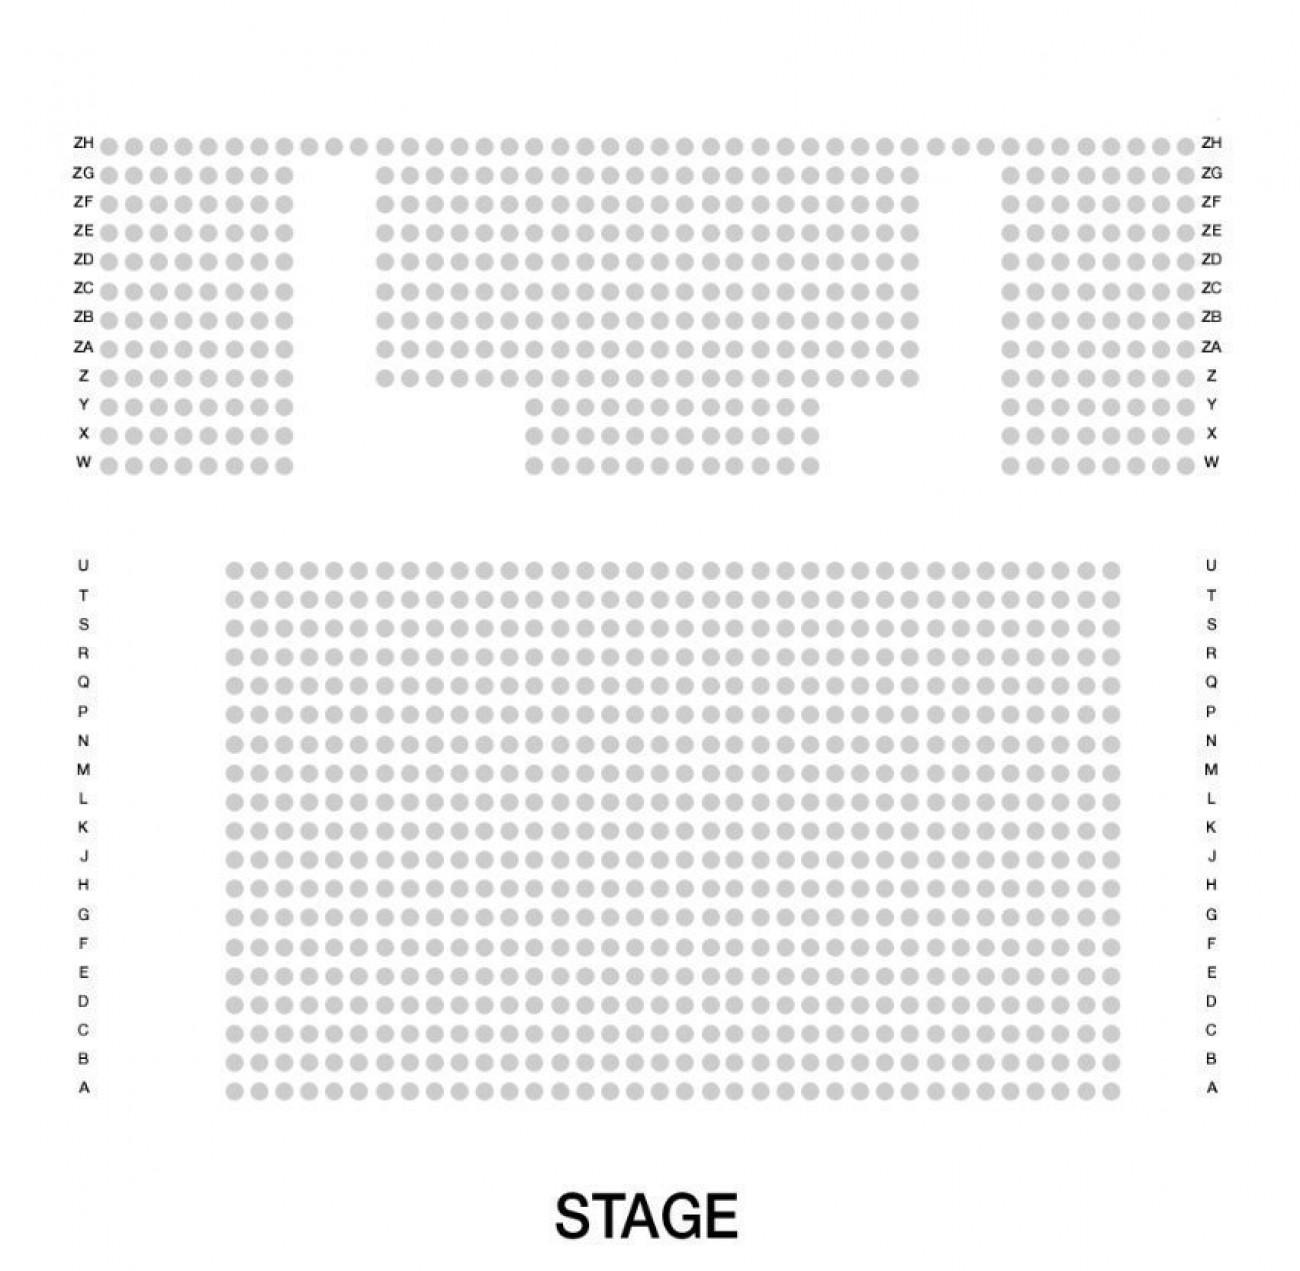 Troubadour White City Theatre seteplan